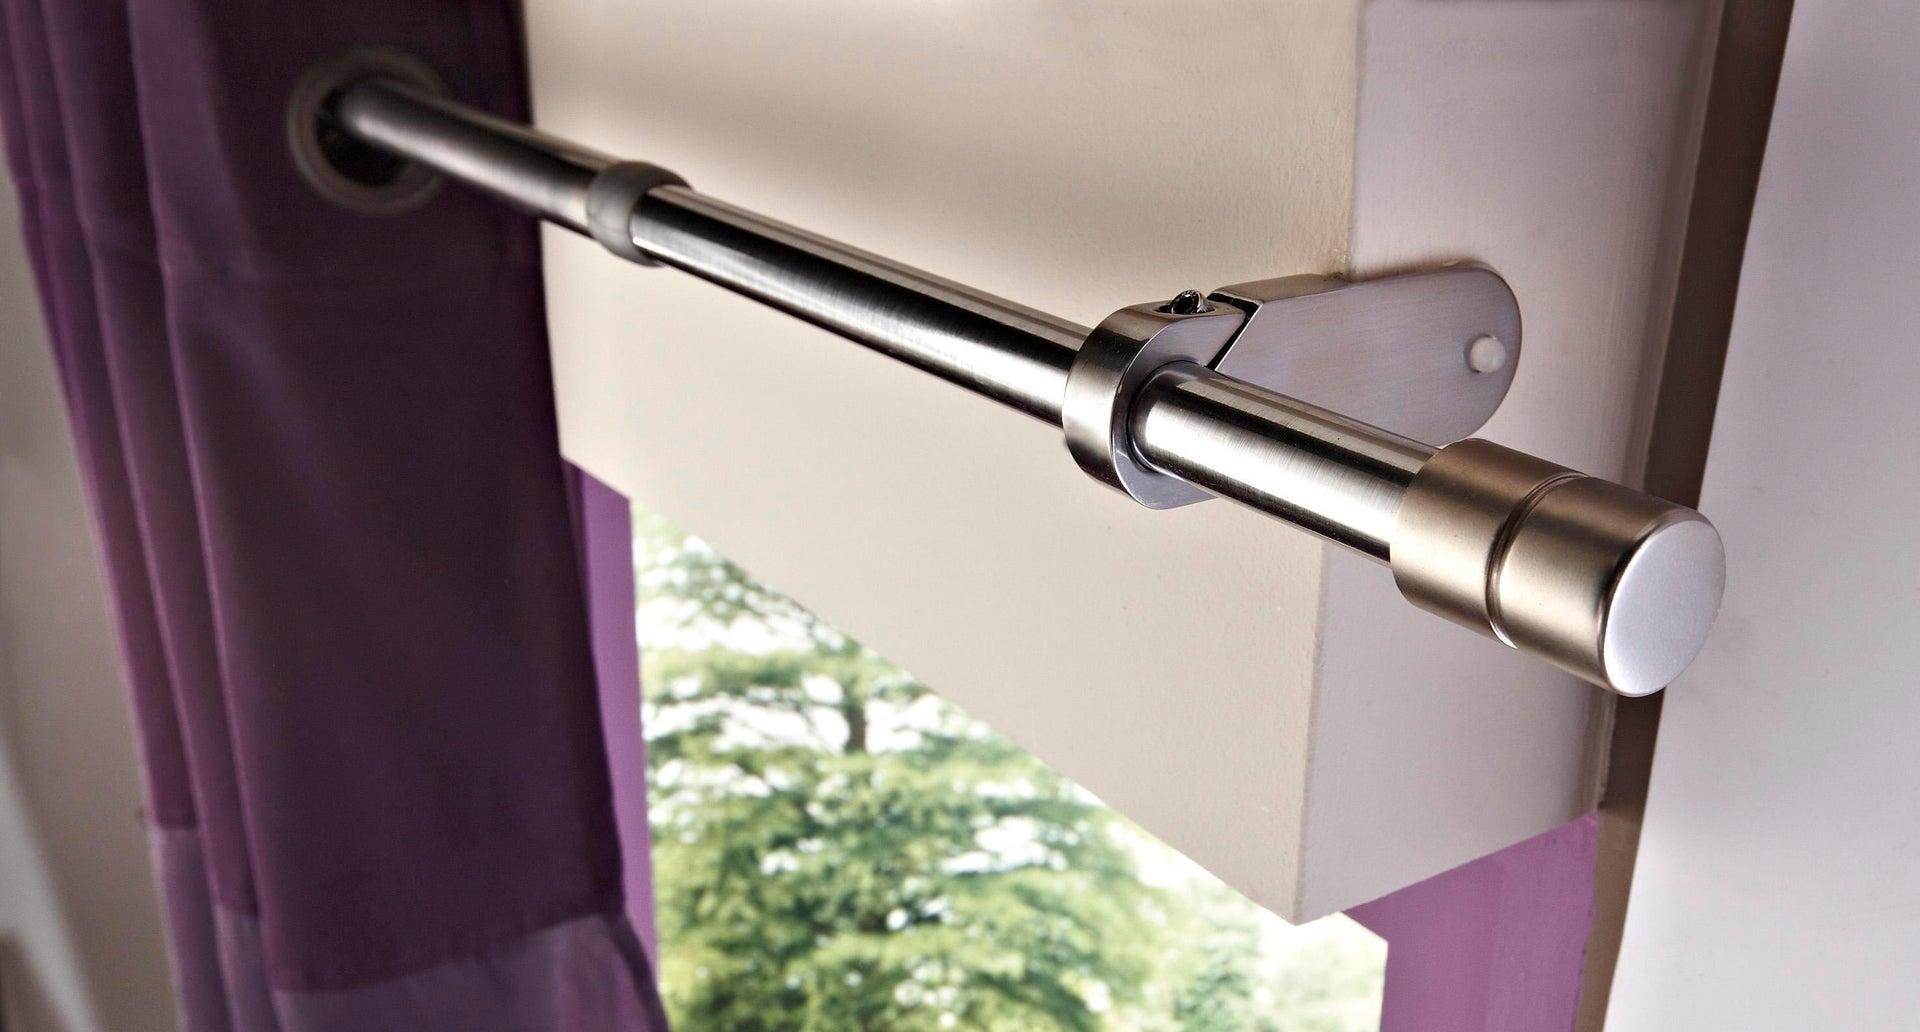 Bastone per tenda a pressione estensibile Ib+ in metallo Ø 25 mm nero opaco Da 60 a 100 cm - 4